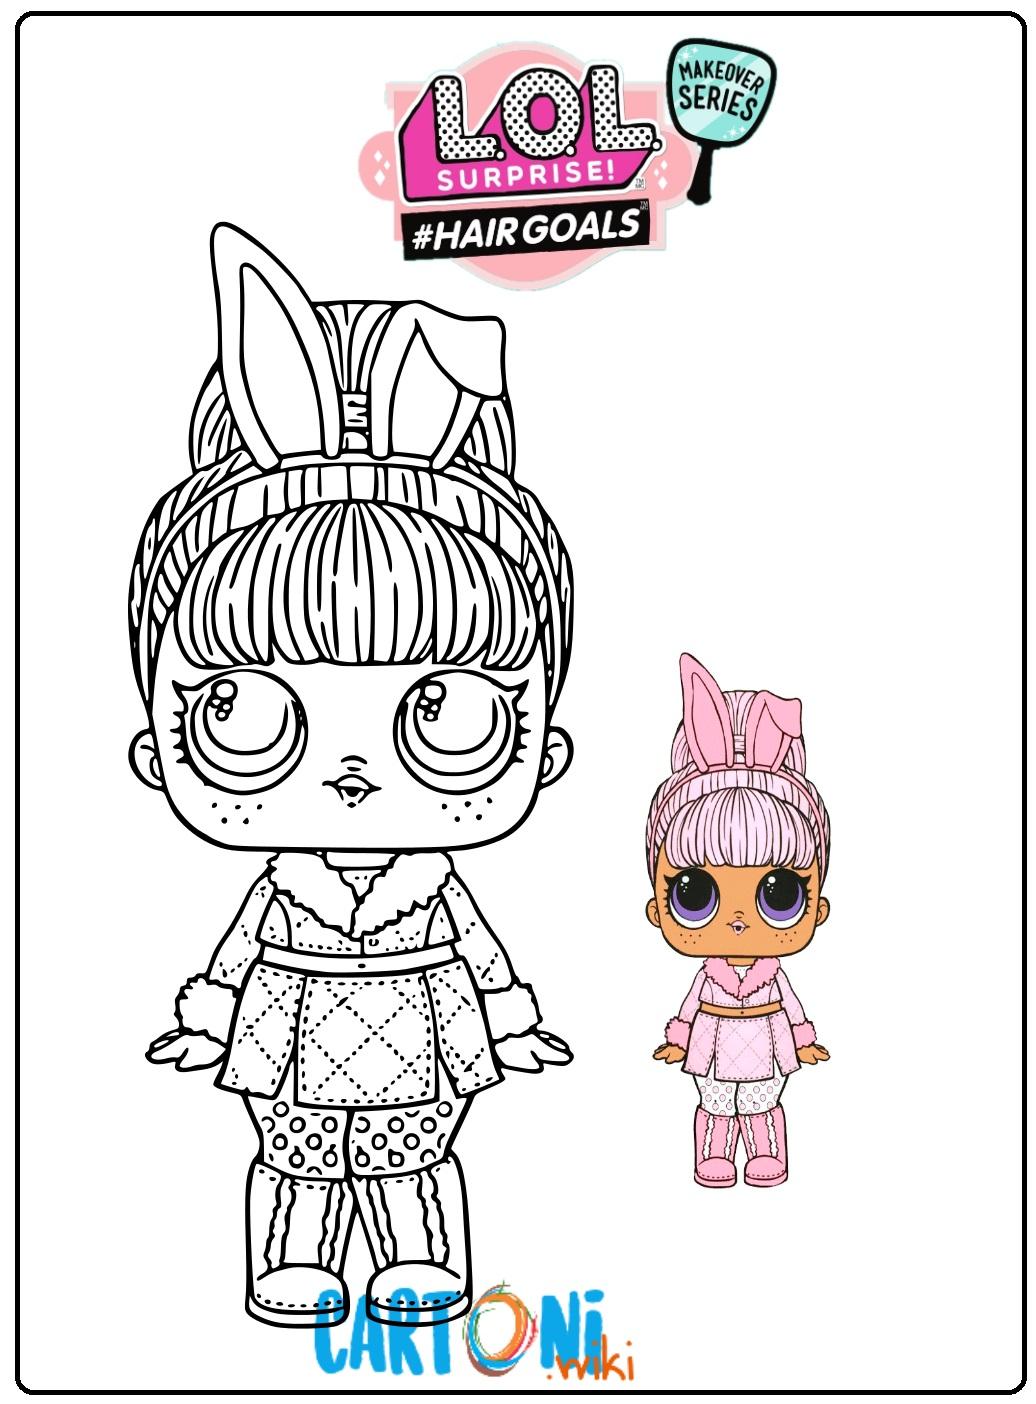 Snow Bunny Lol Surprice serie 5 #hairgoals makeover da colorare - Disegni da colorare